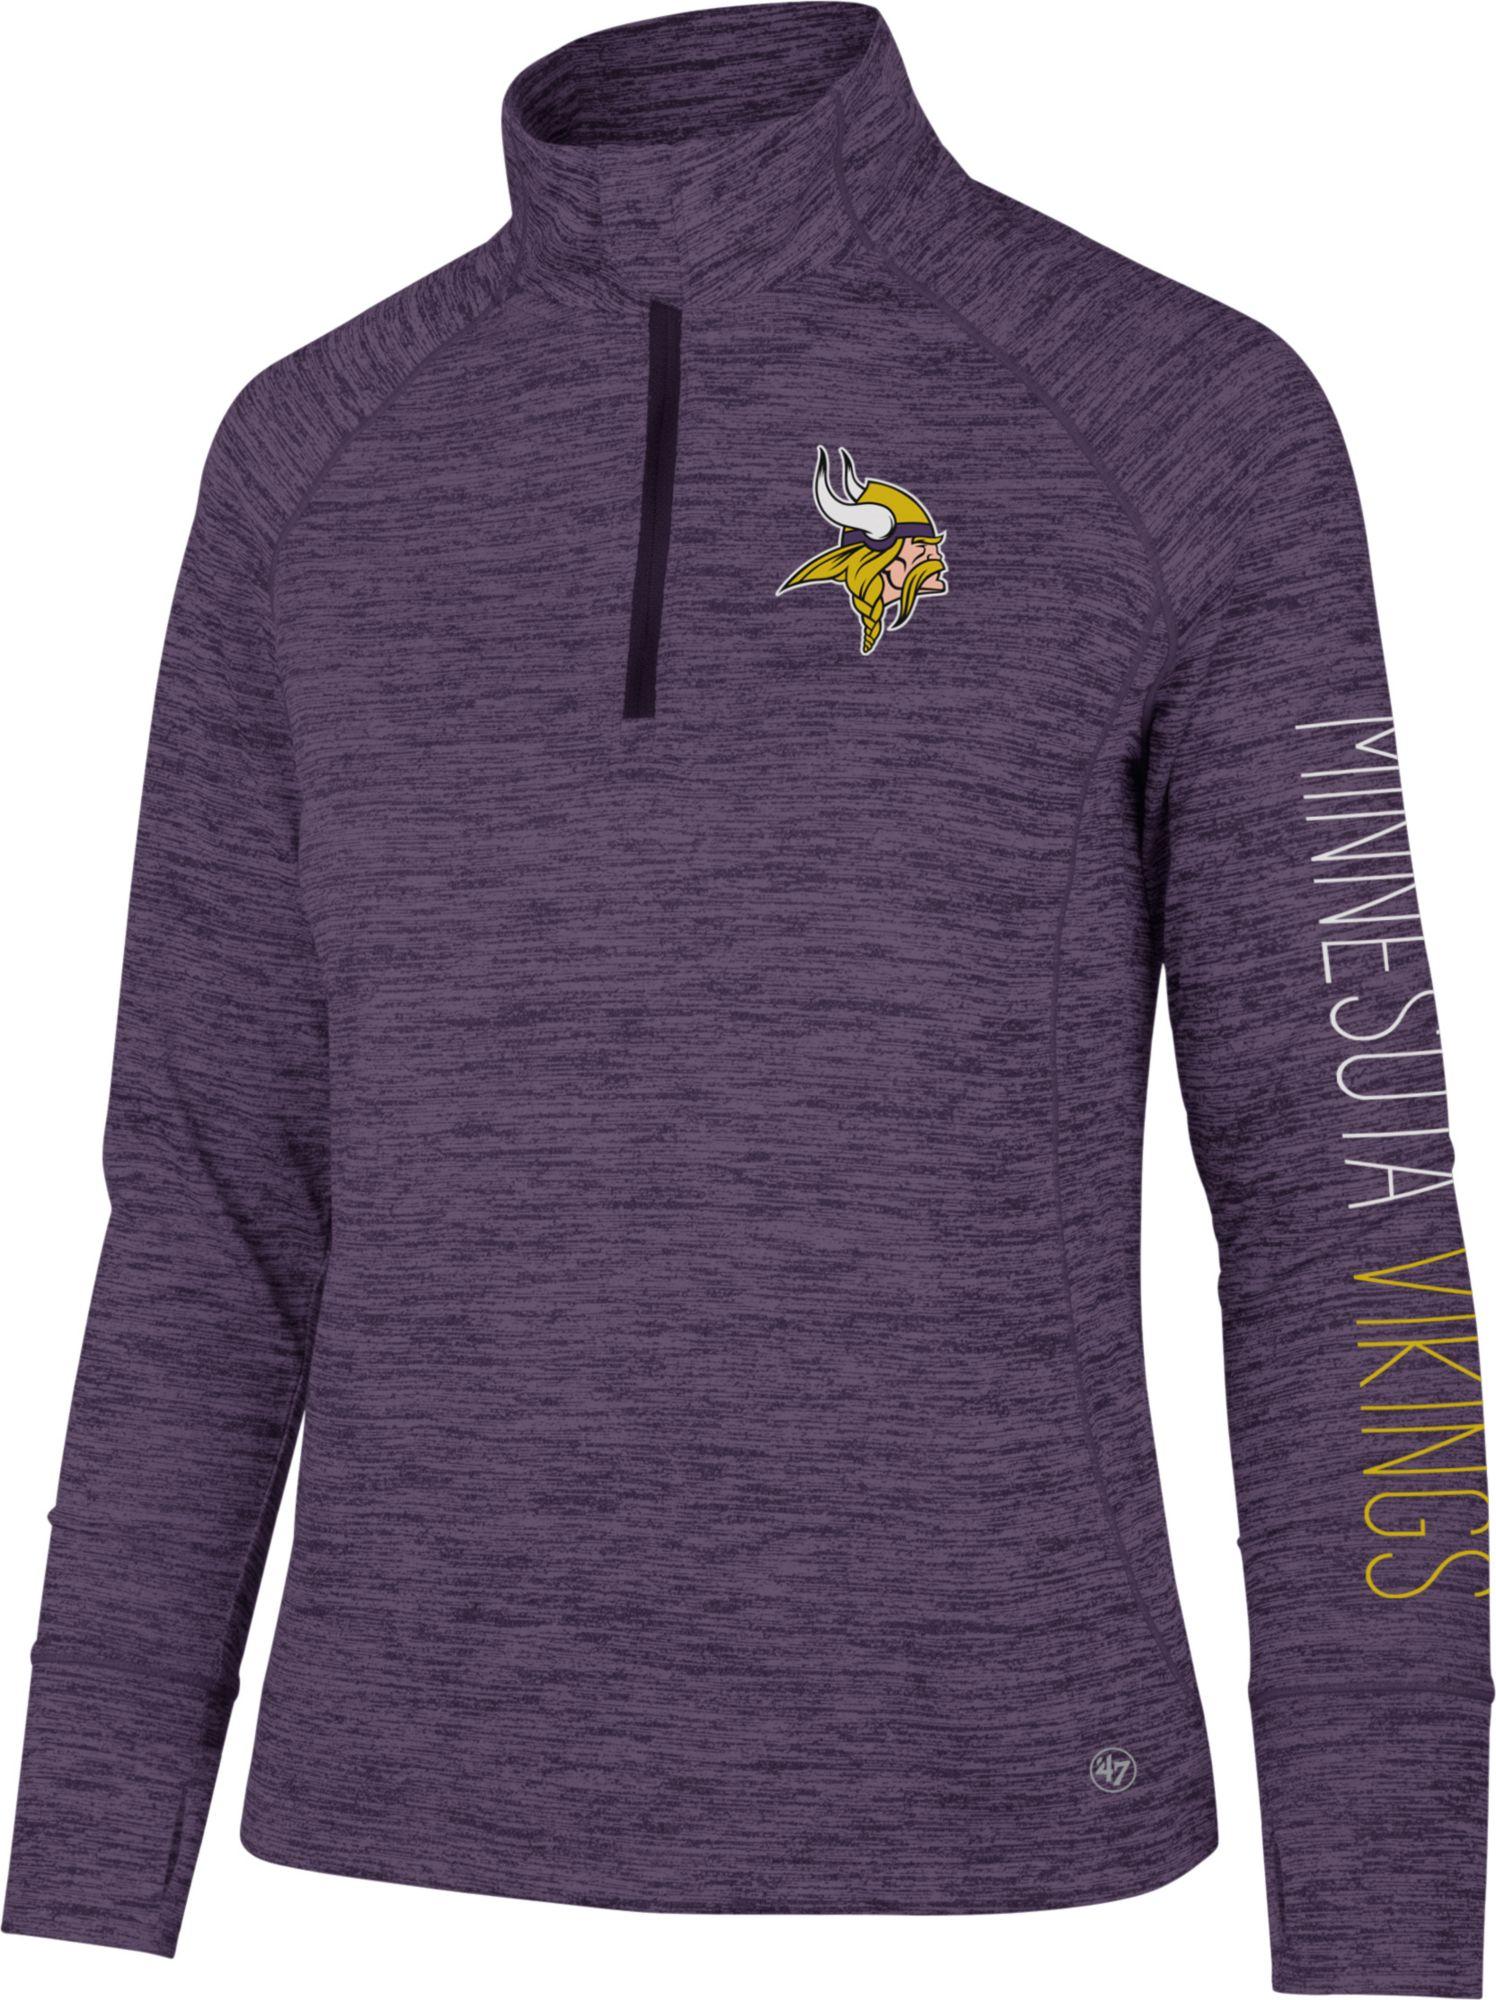 minnesota vikings women's sweatshirt